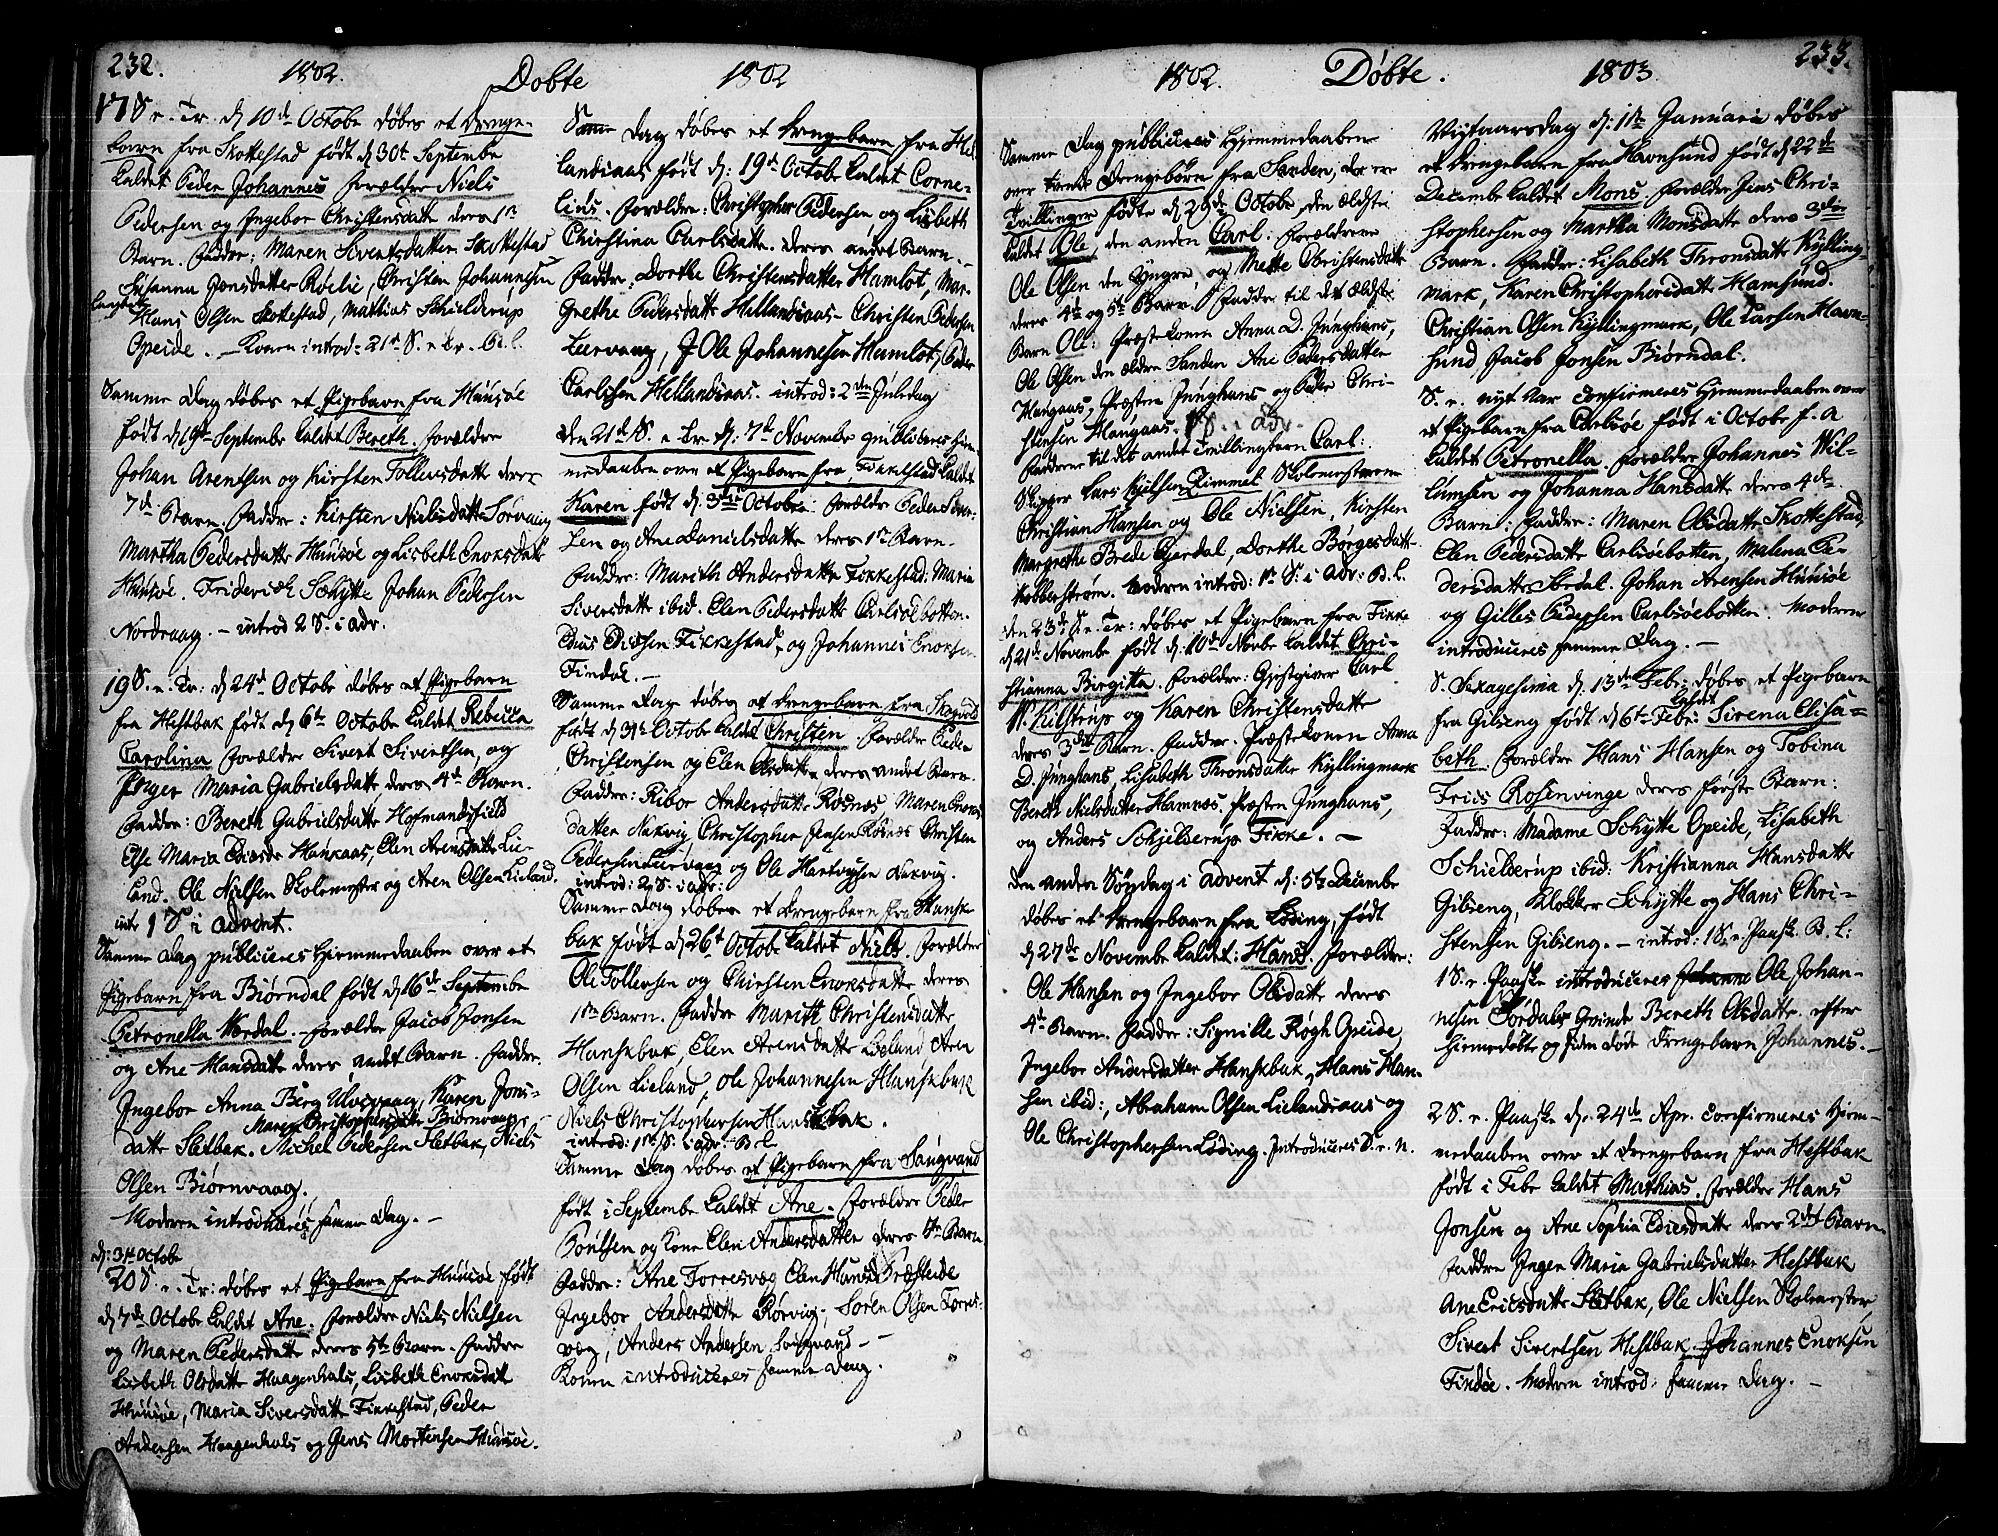 SAT, Ministerialprotokoller, klokkerbøker og fødselsregistre - Nordland, 859/L0841: Parish register (official) no. 859A01, 1766-1821, p. 232-233